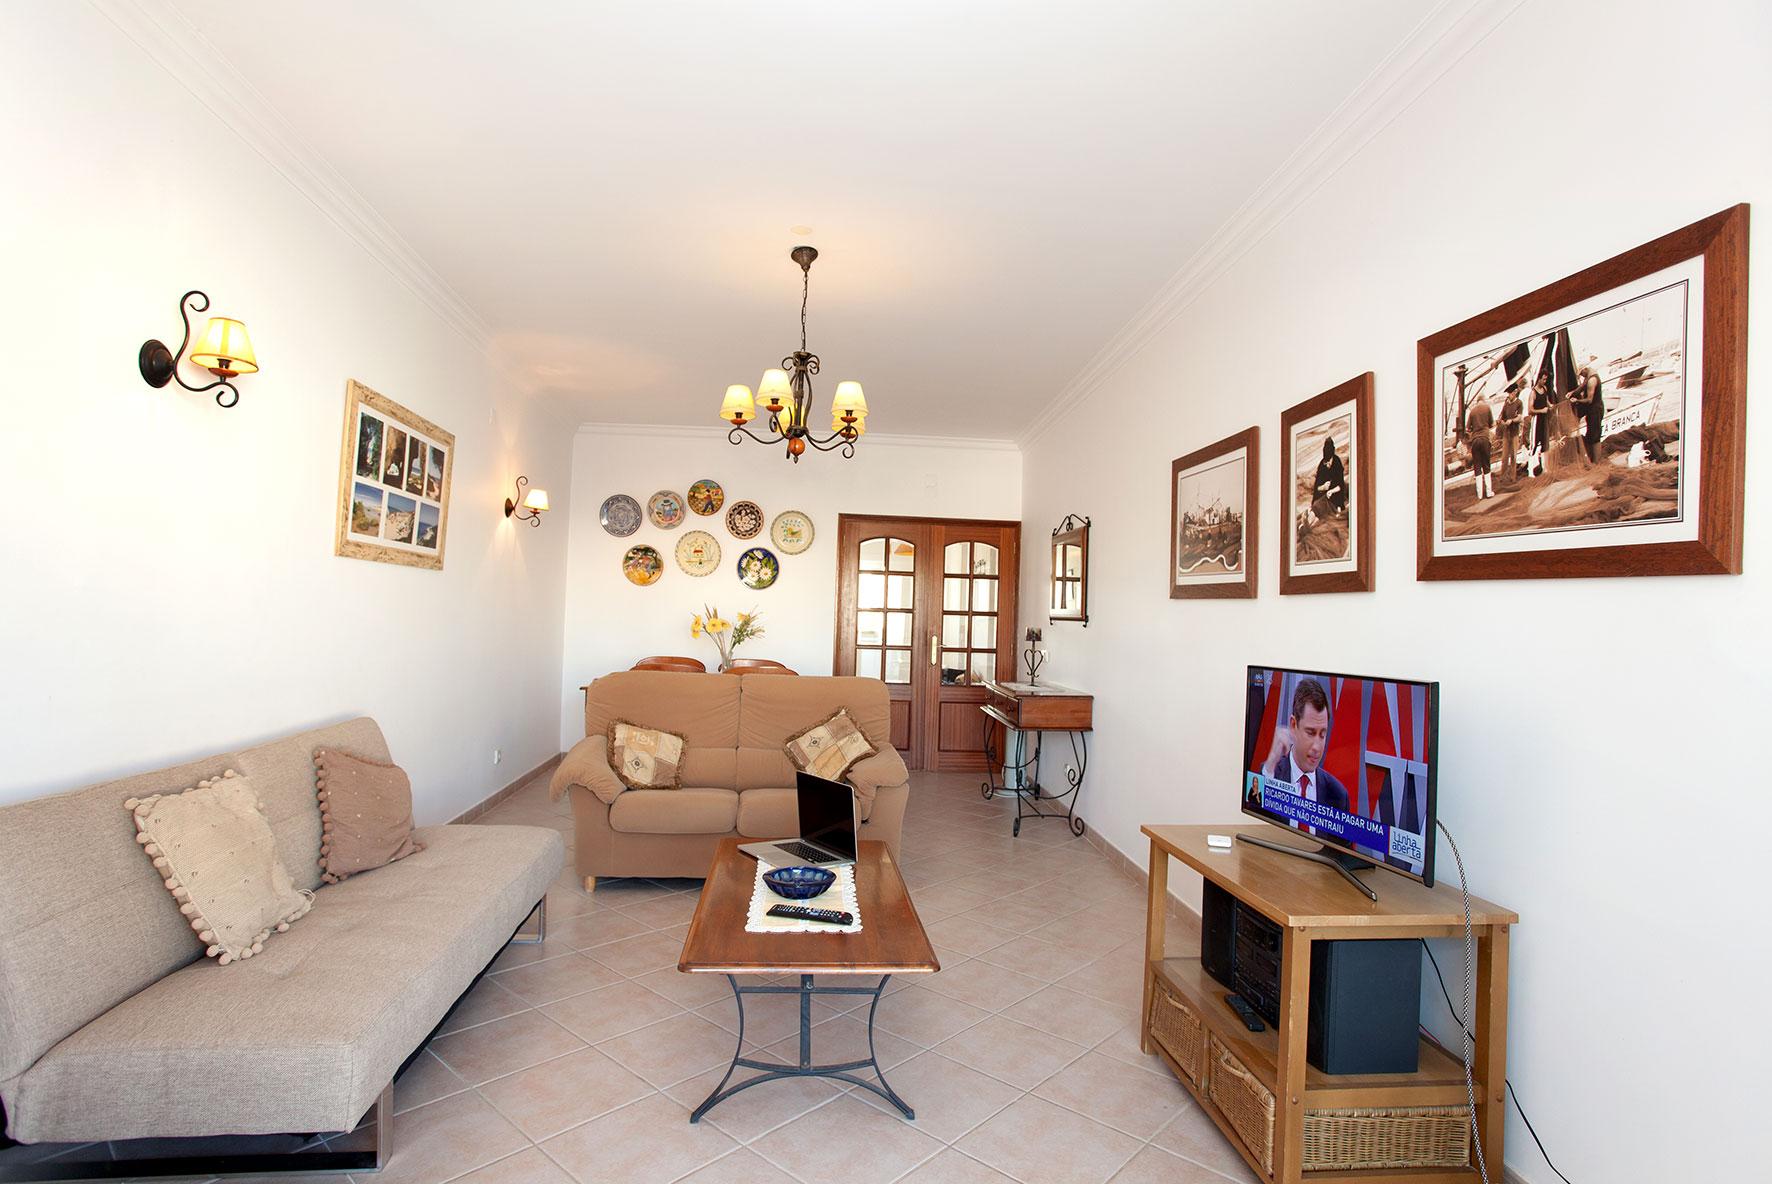 Holiday apartments and villas for rent, Apartamento T2 em Condomínio Com Piscina na Praia da Galé em Albufeira in Albufeira, Portugal Algarve, REF_IMG_6121_12085